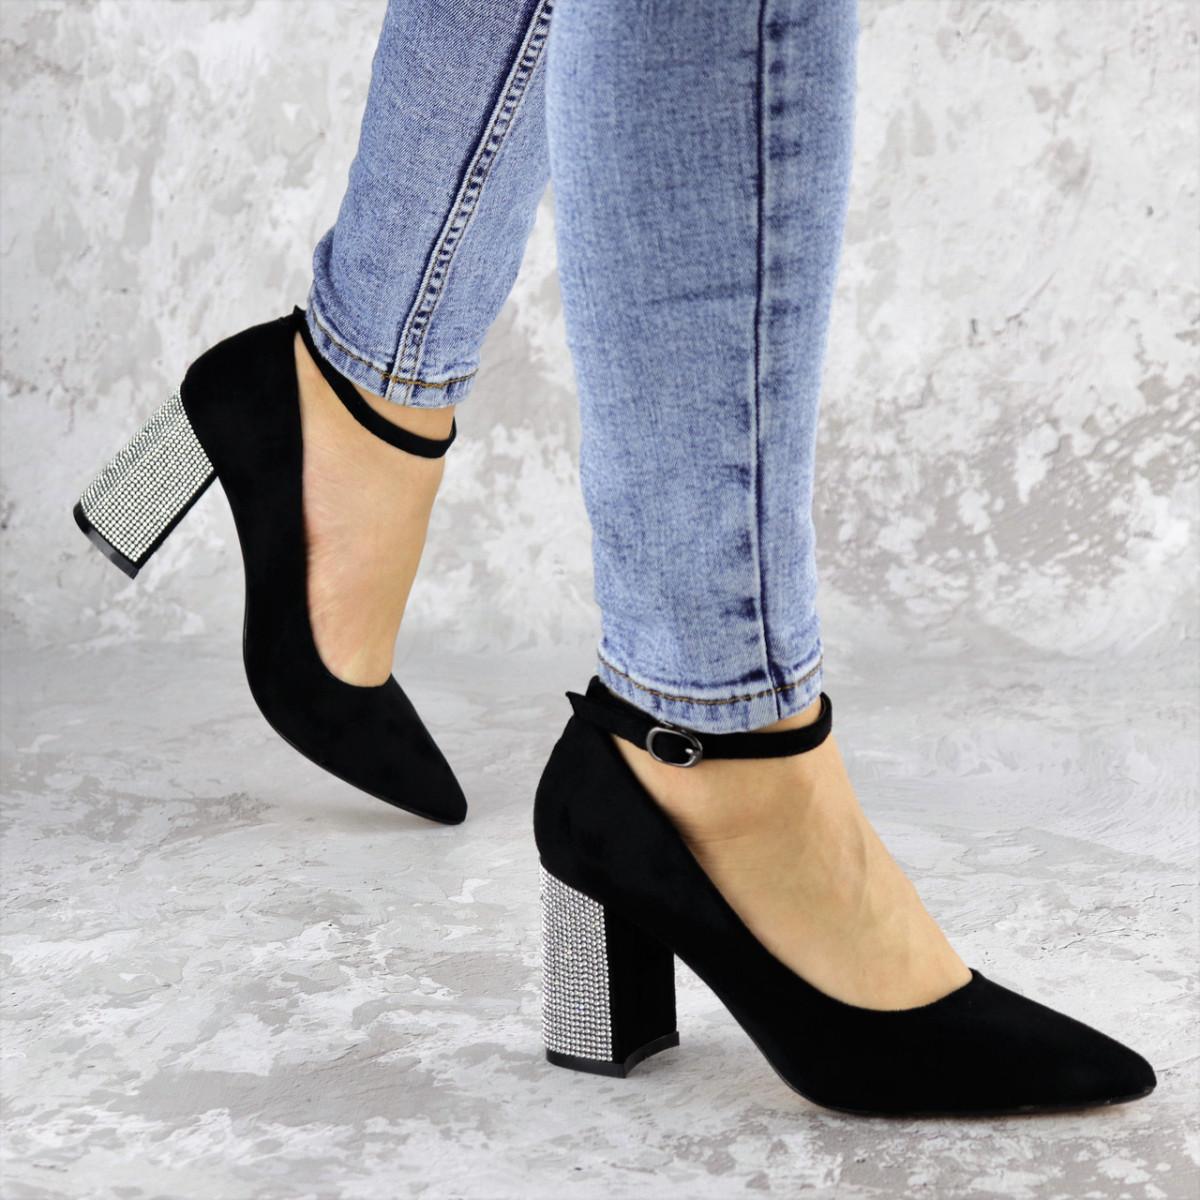 Туфли женские на каблуке черные Teo 2167 (37 размер)